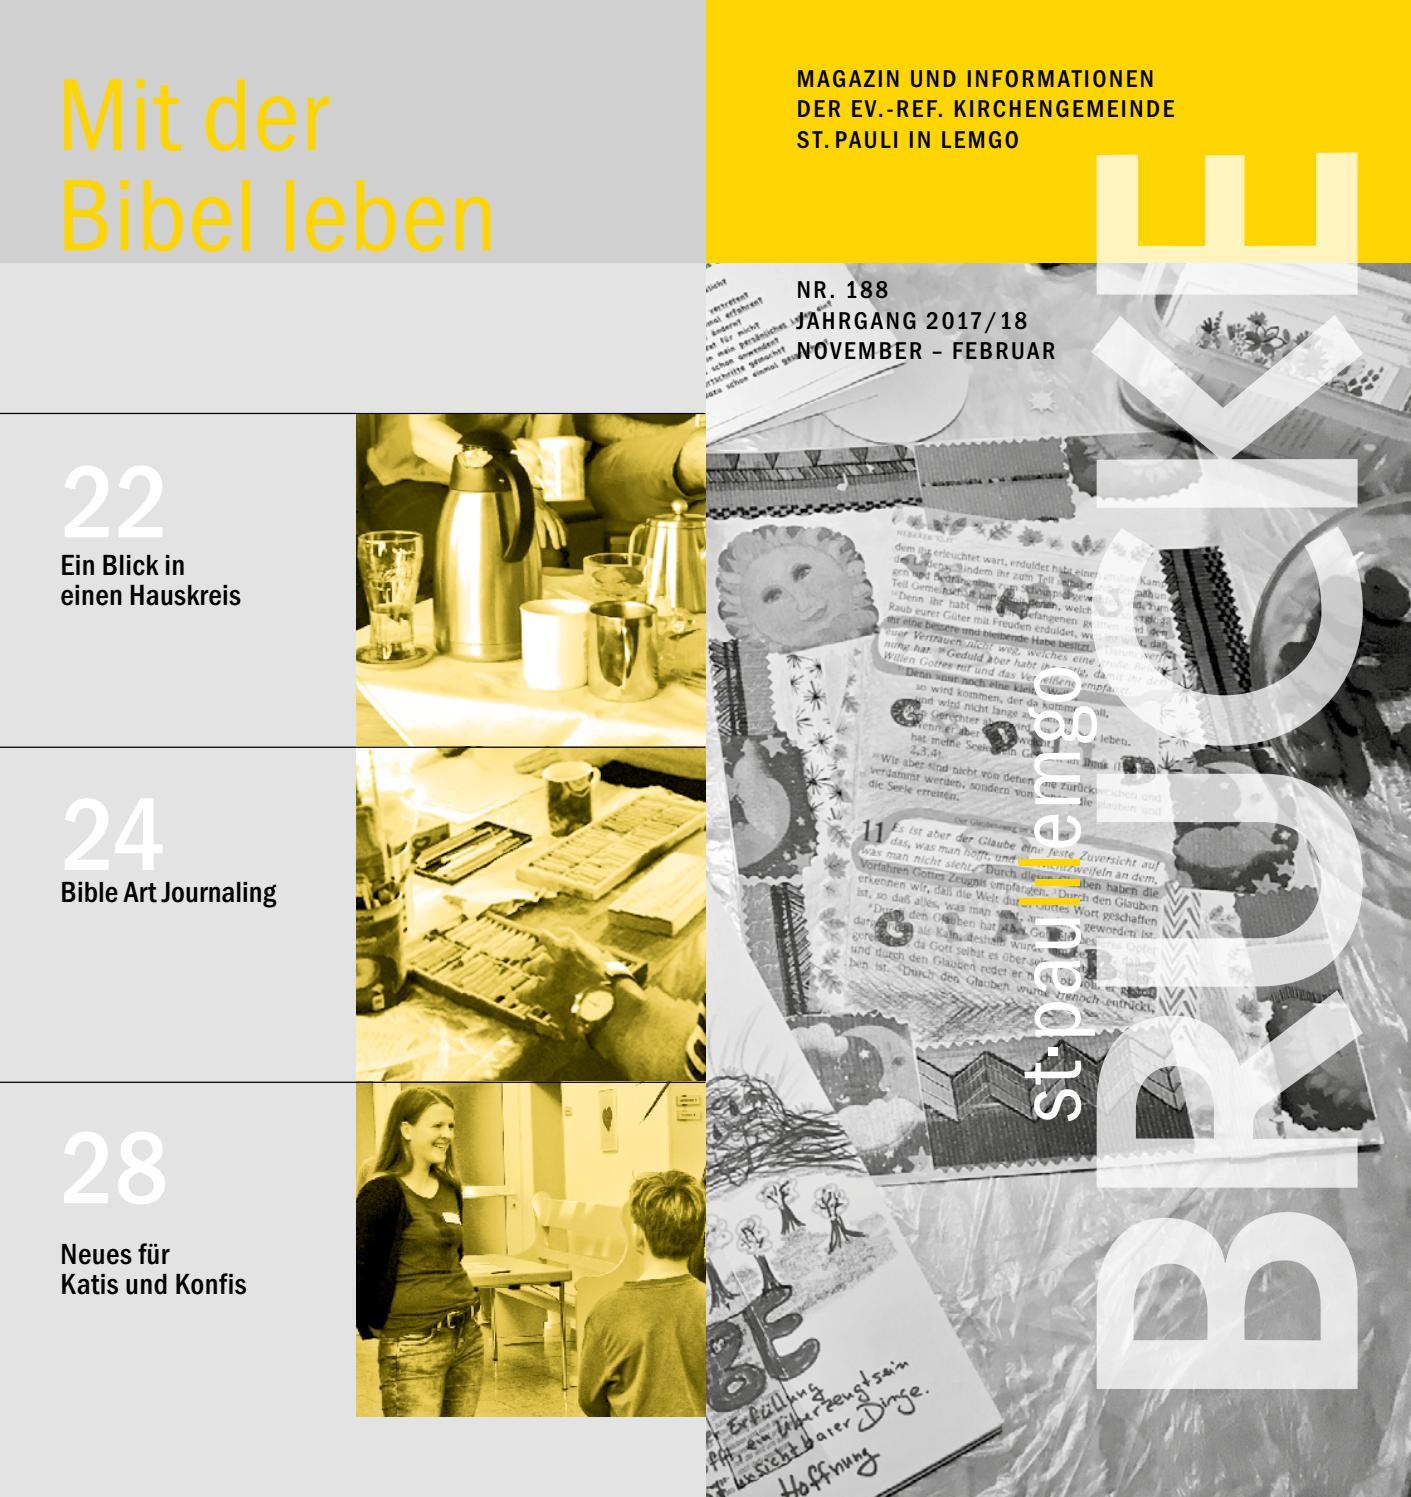 Berühmt Html Vorlagenhersteller Fotos - Beispiel Business Lebenslauf ...